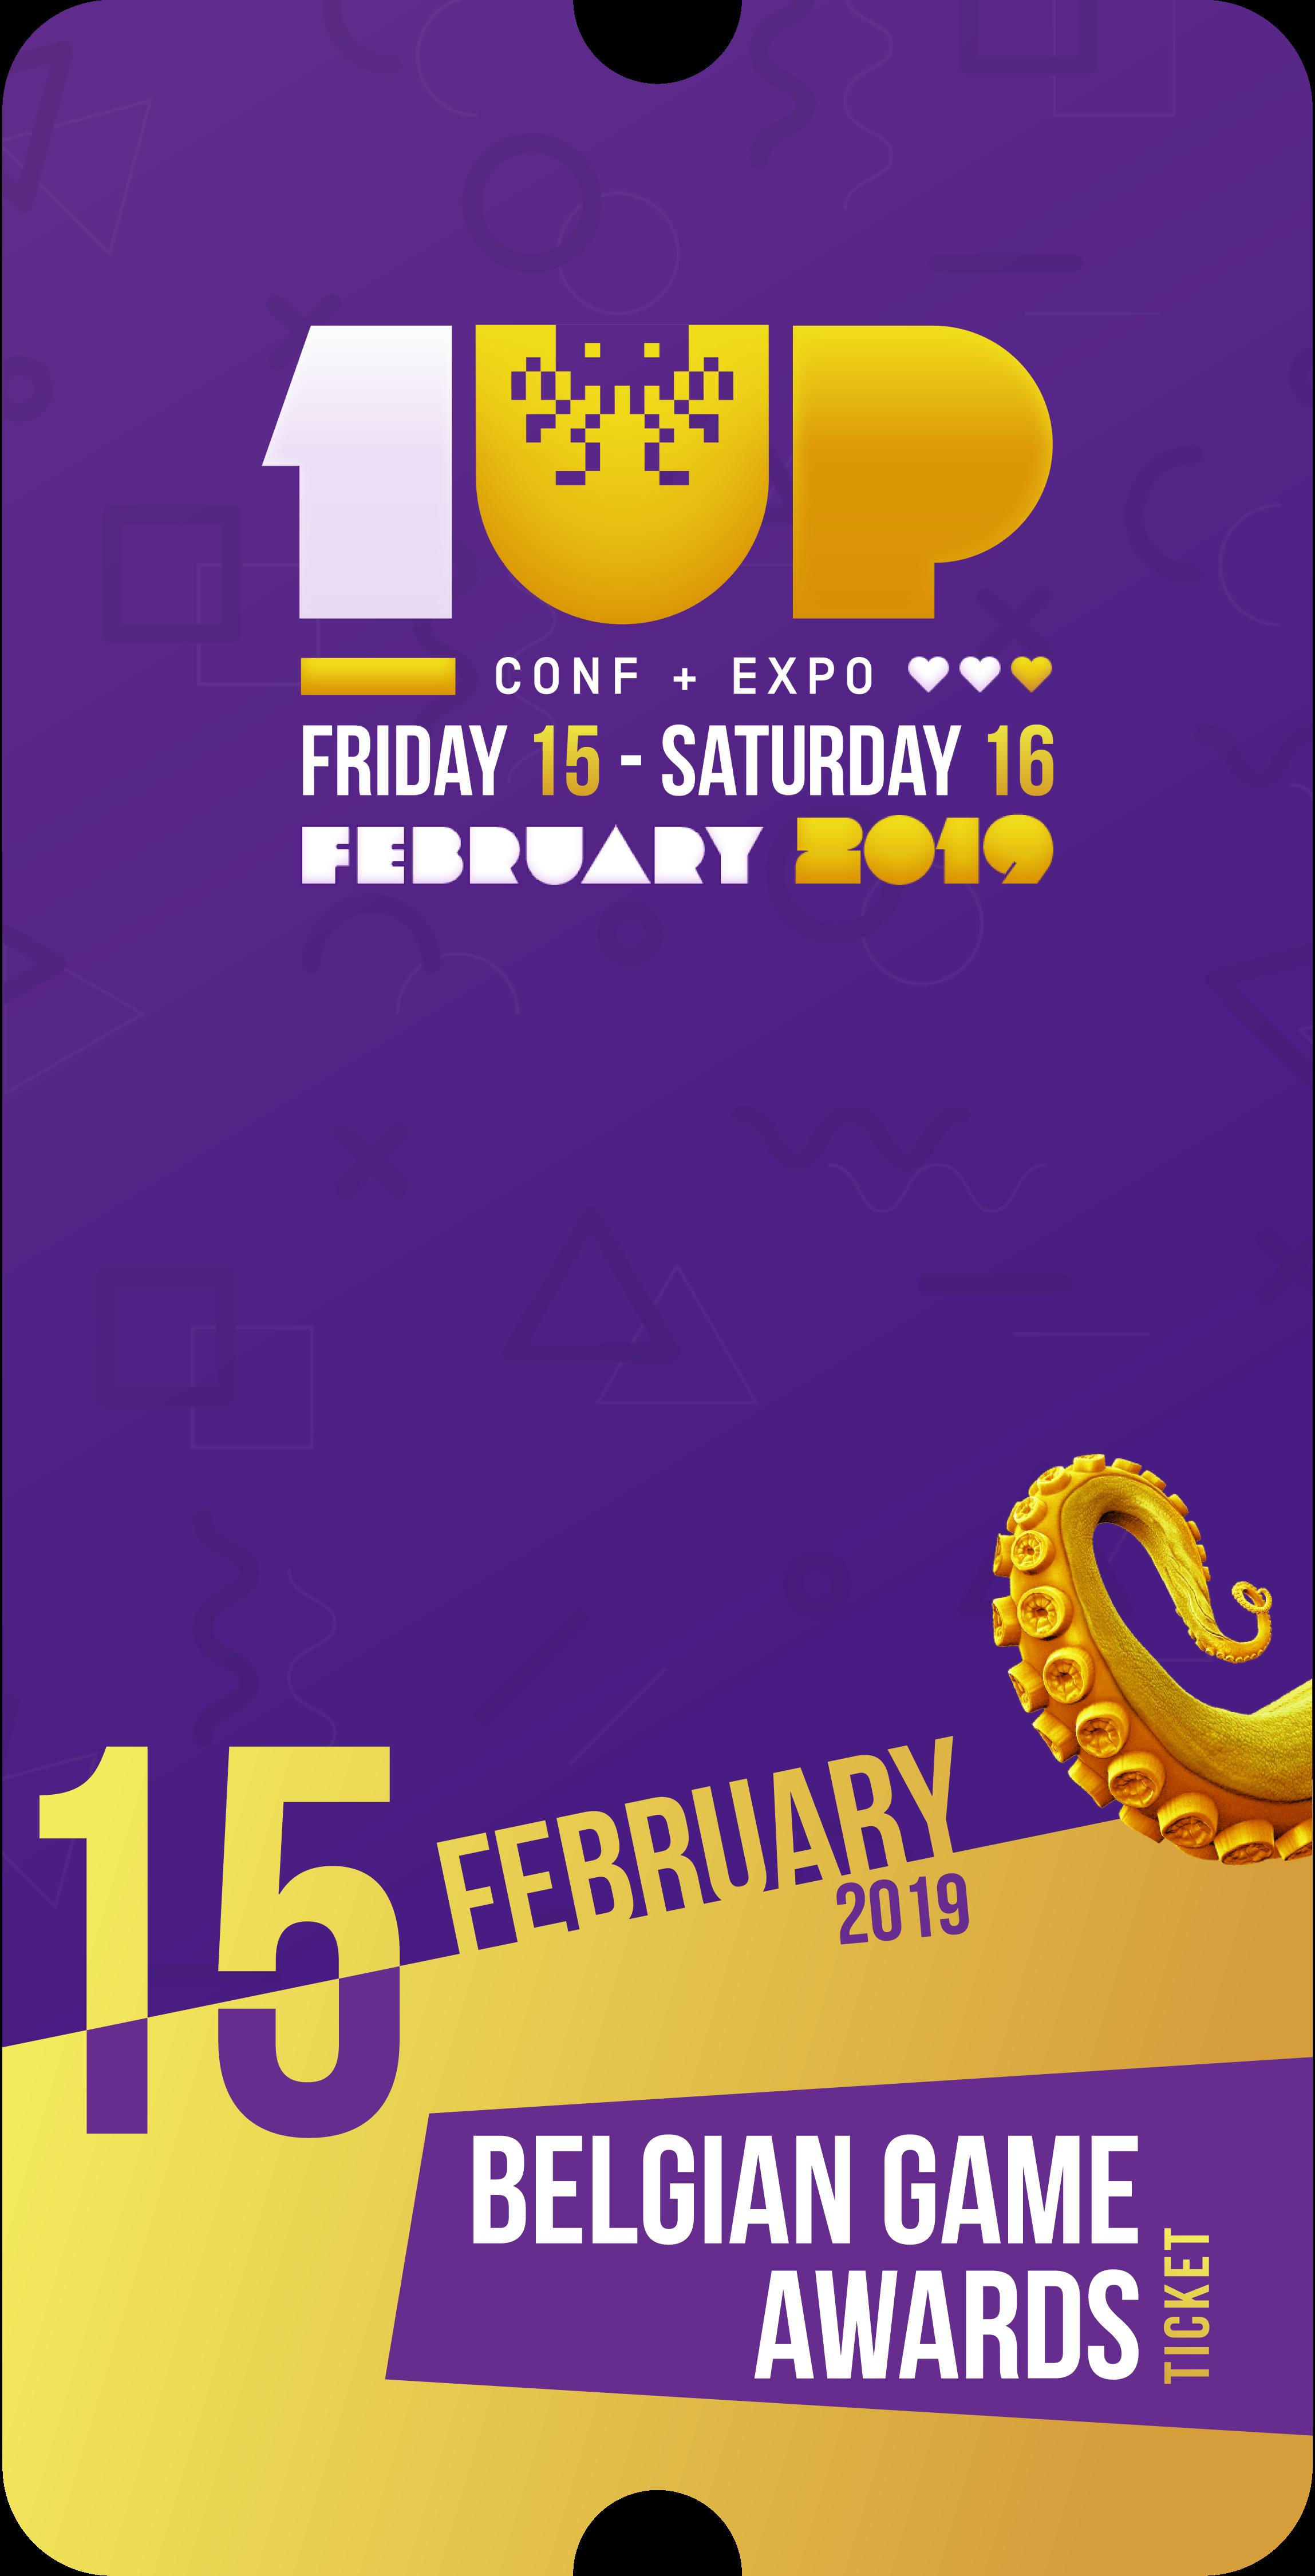 Belgian Game Awards (Ticket)